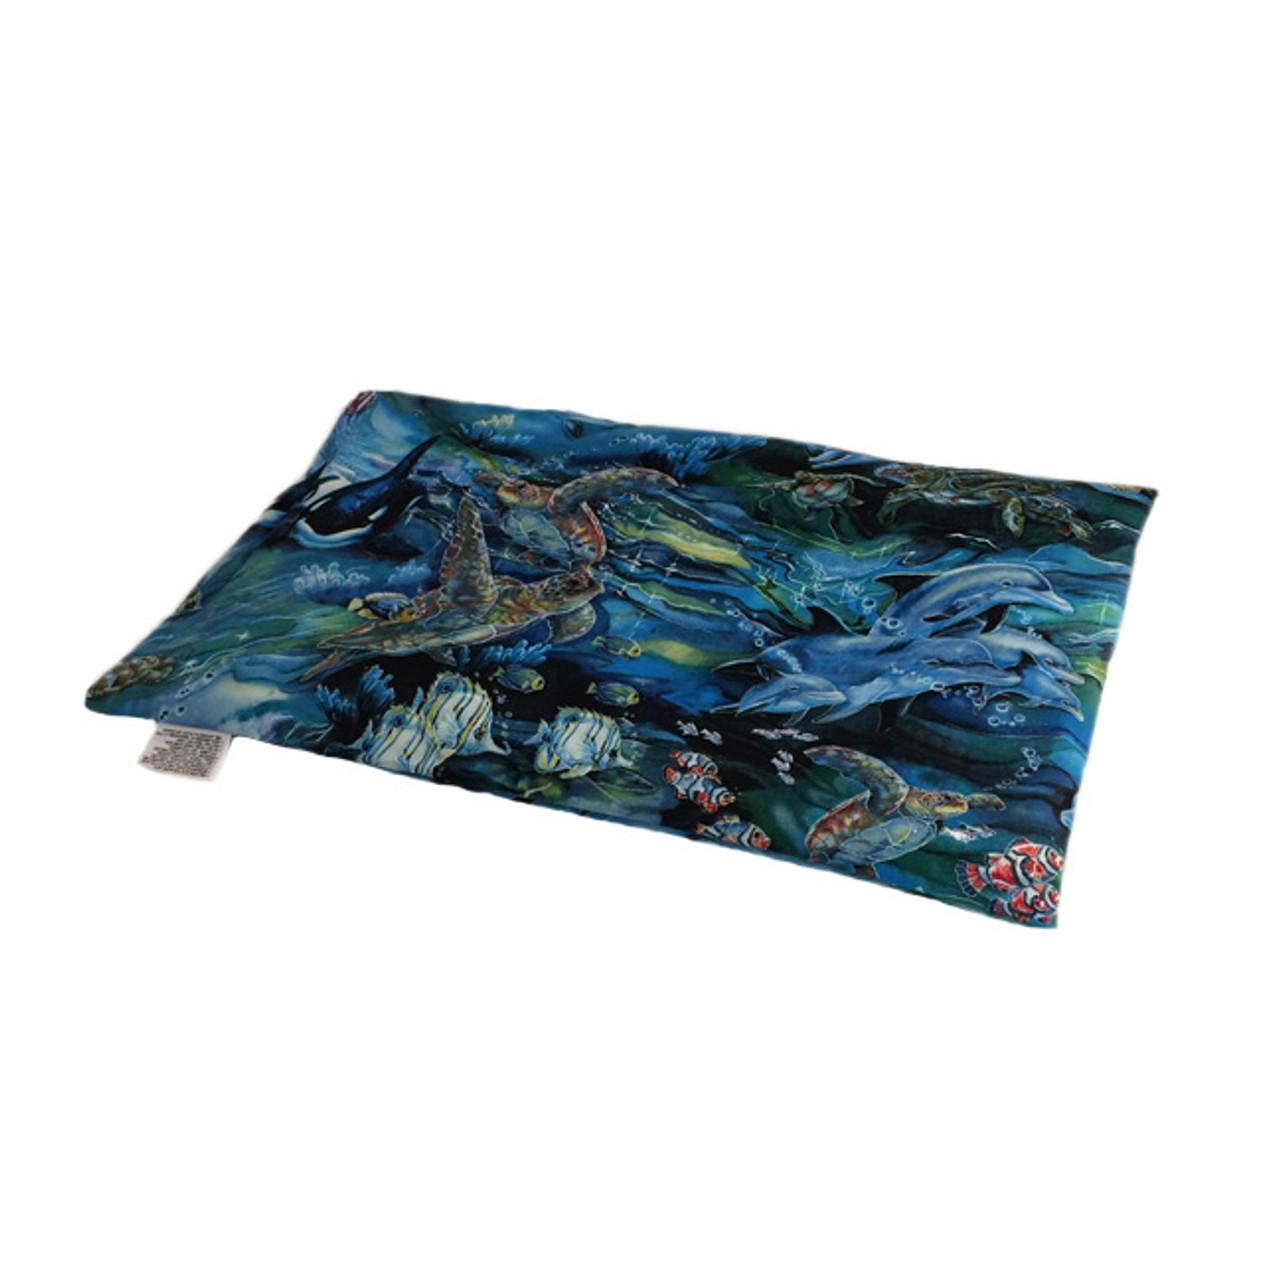 Amazing Ocean lap warmer microwave heating pad.